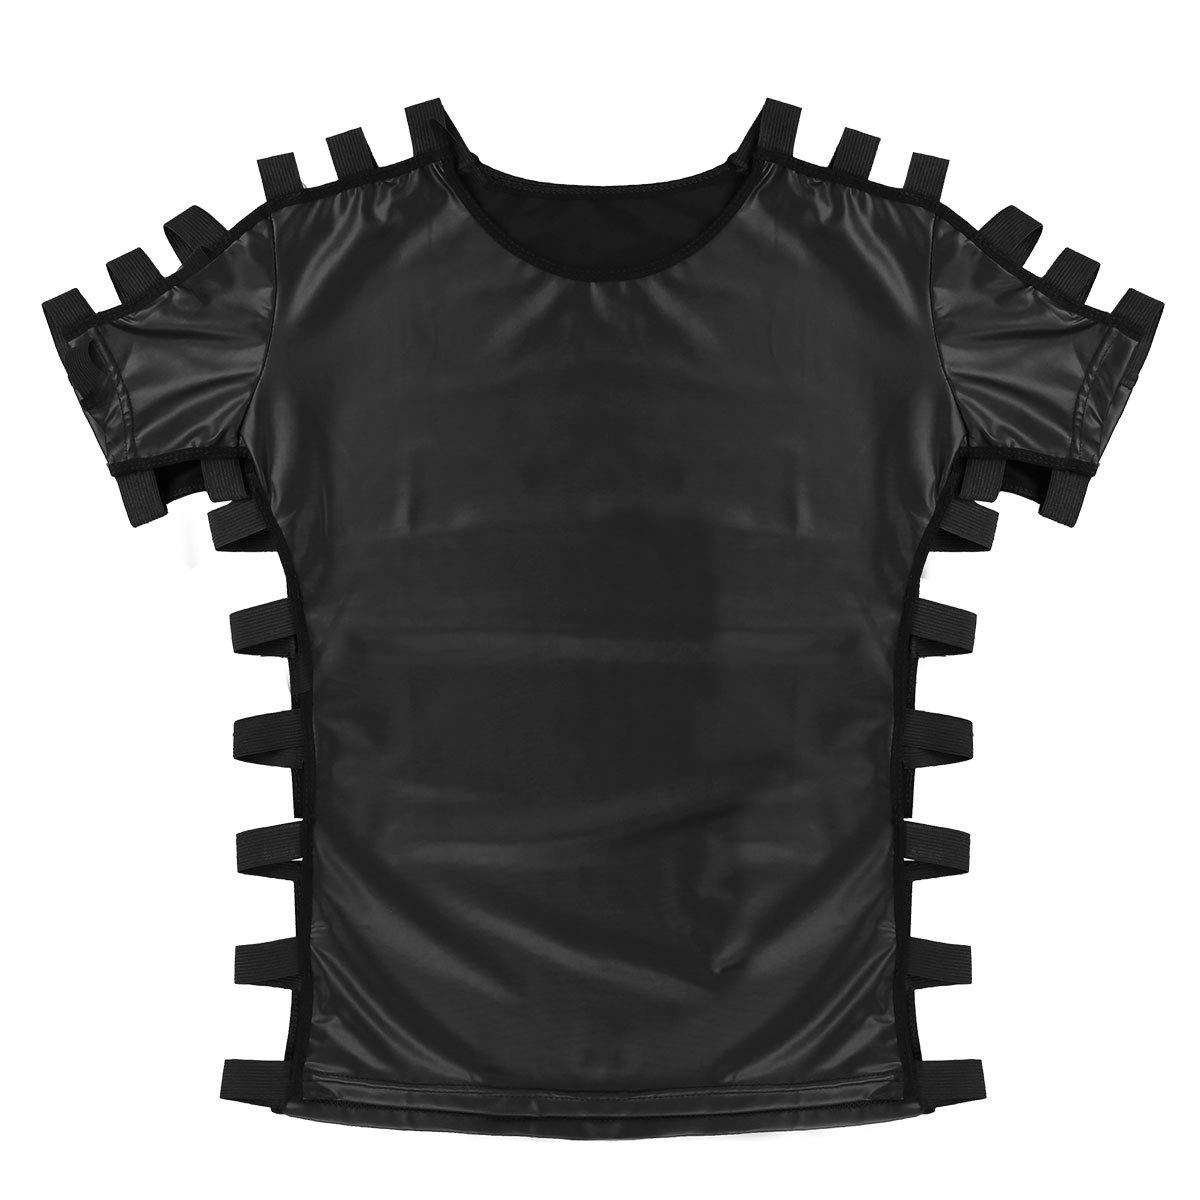 IEFIEL Camiseta De Cuero Elástica Casual Polo Slim Estilo Moda ...